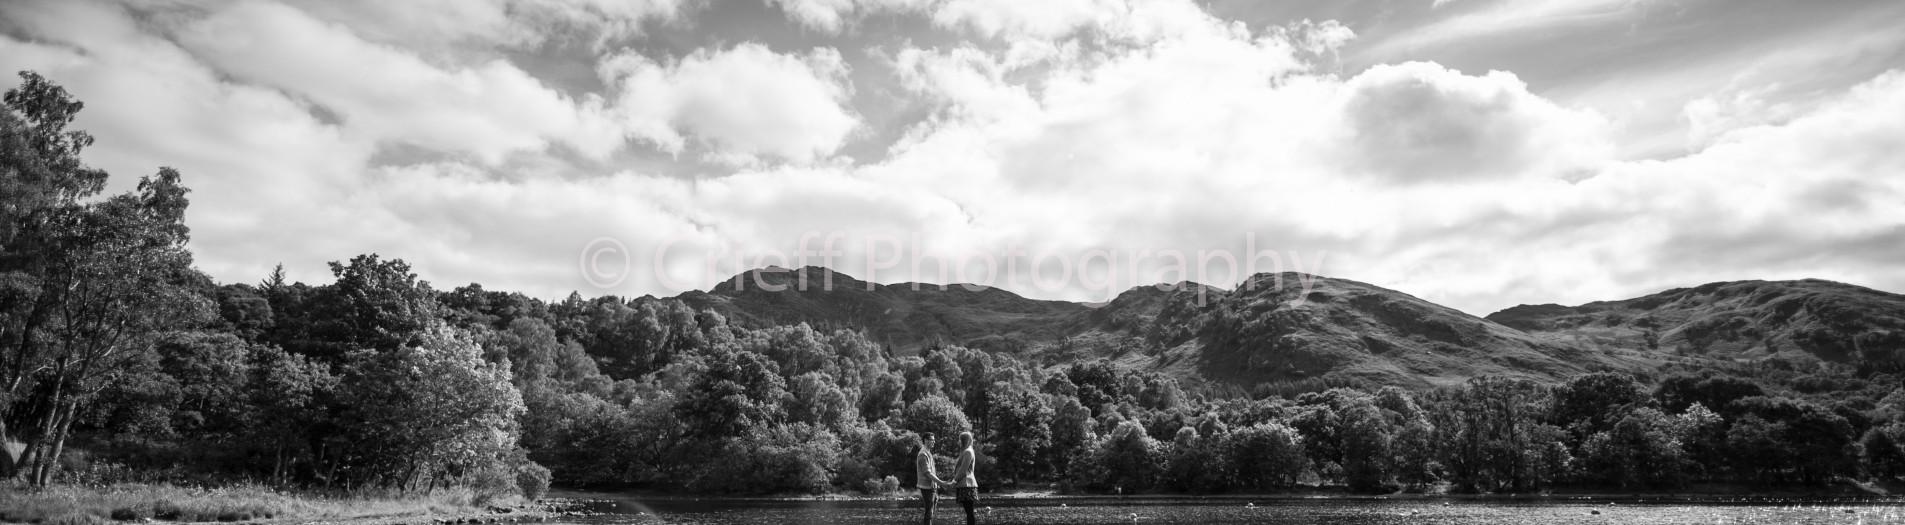 Jennifer & Scott's pre-wedding 'shoot at Loch Earn